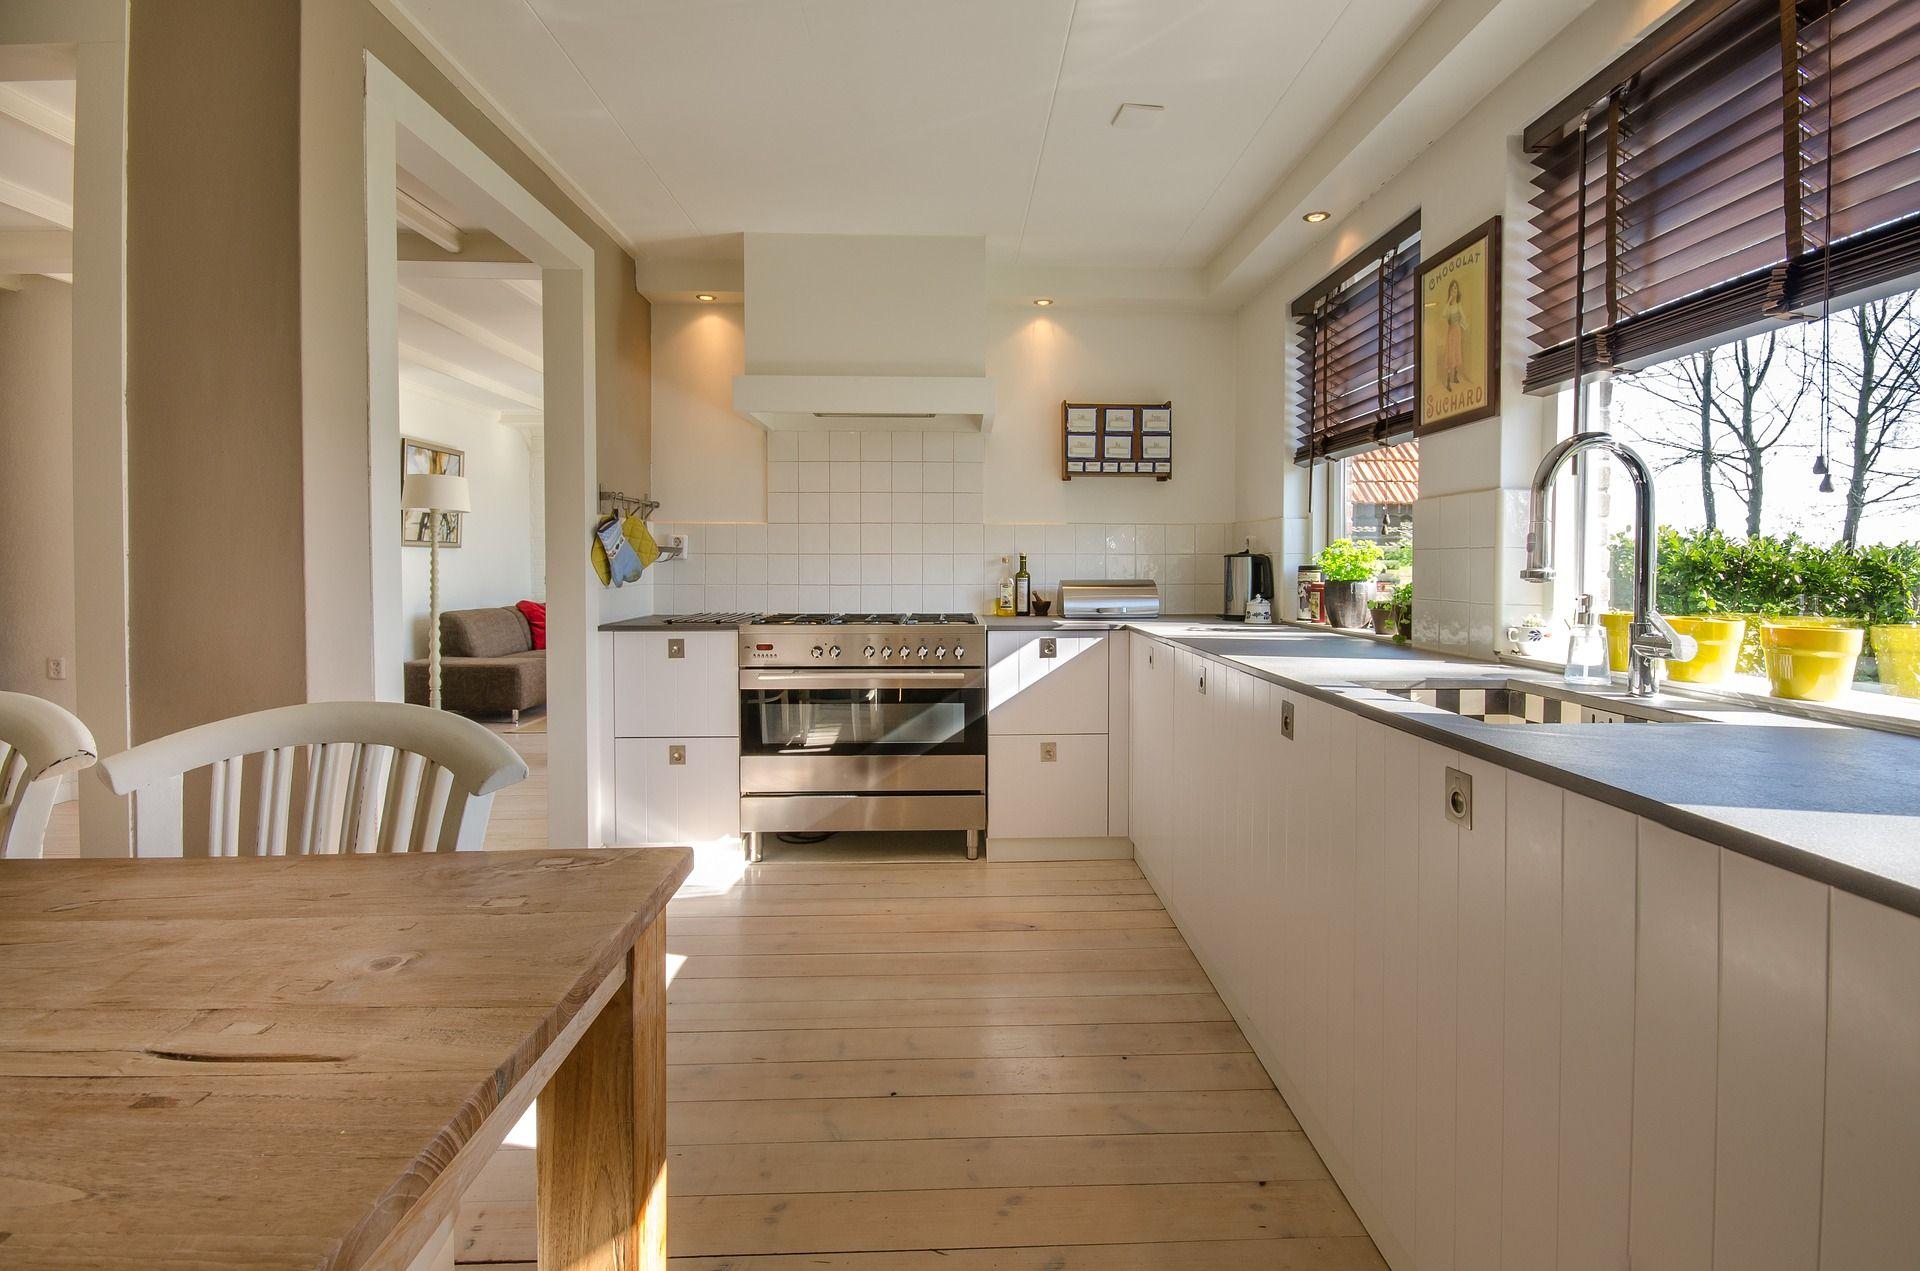 Consigli Per La Casa la cucina al centro della casa: quattro consigli per